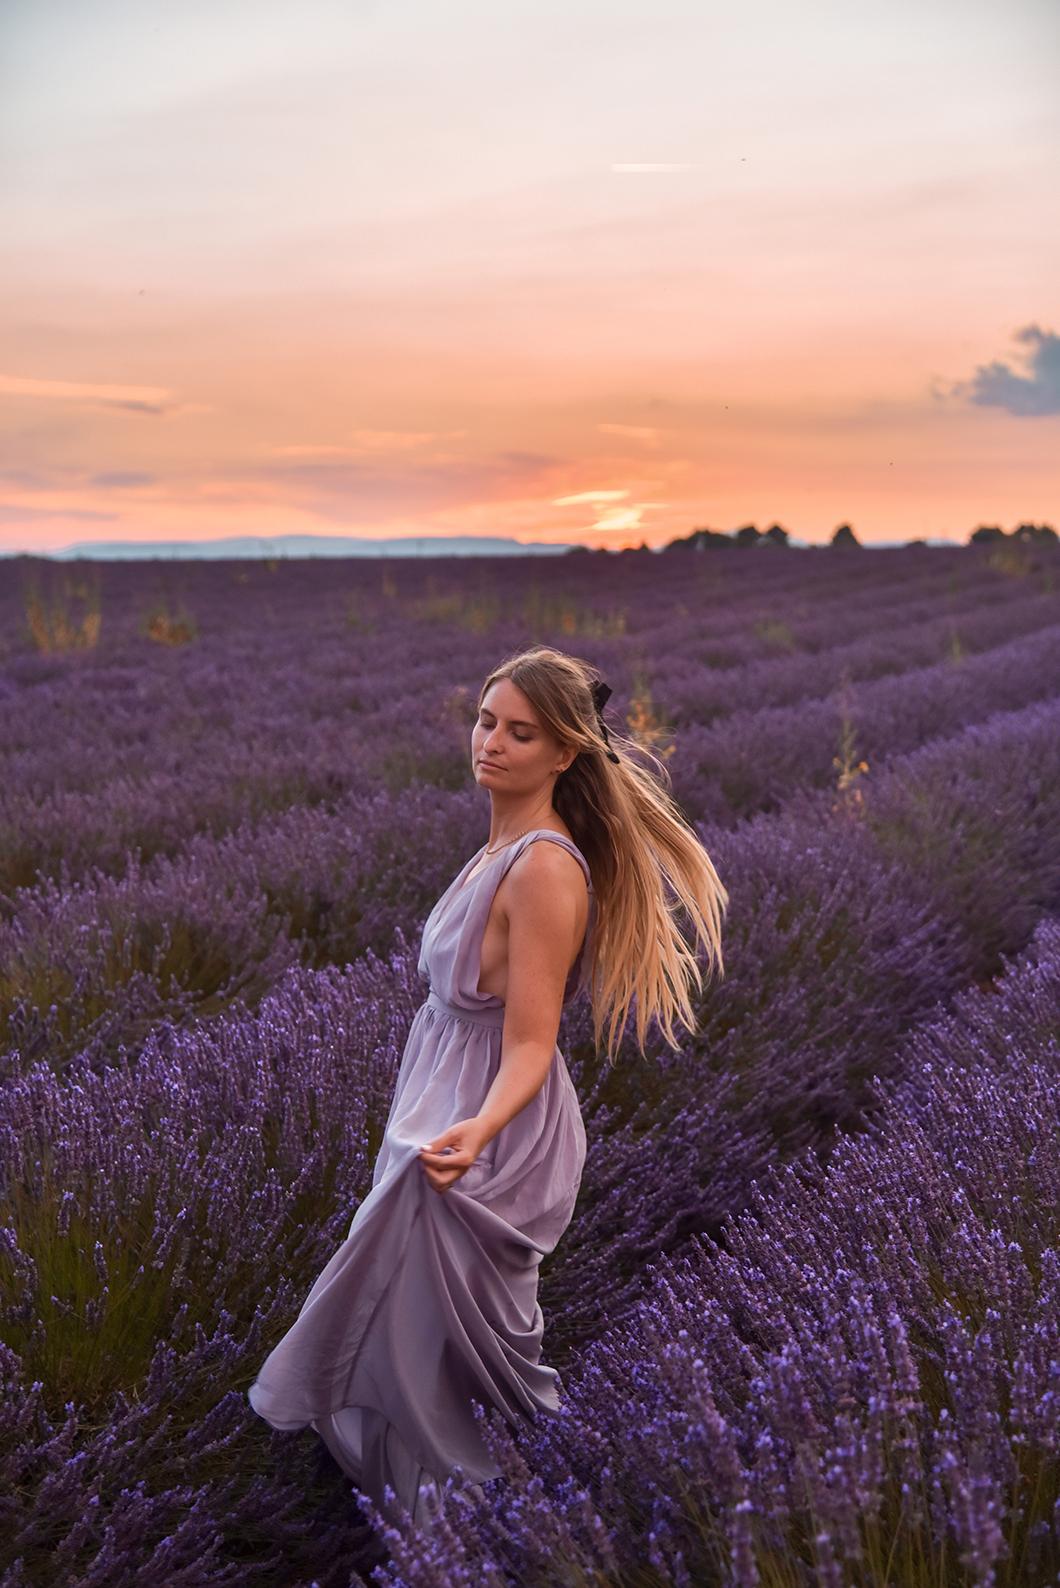 Où admirer le coucher de soleil à Valensole ?